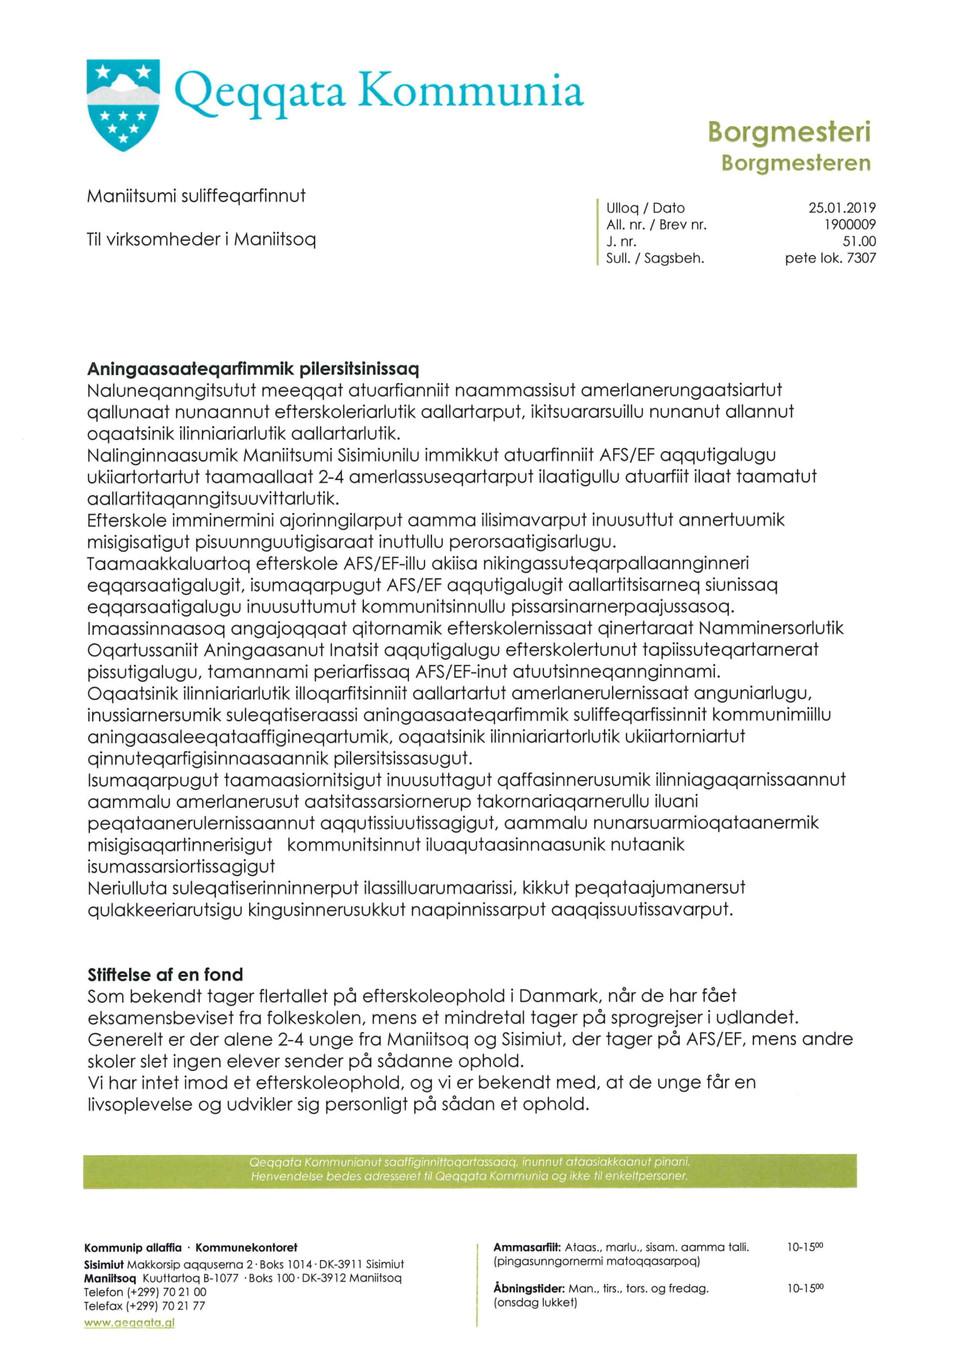 Aningaasaateqarfimmik pilersitsinissaq / Stiftelse af en fond